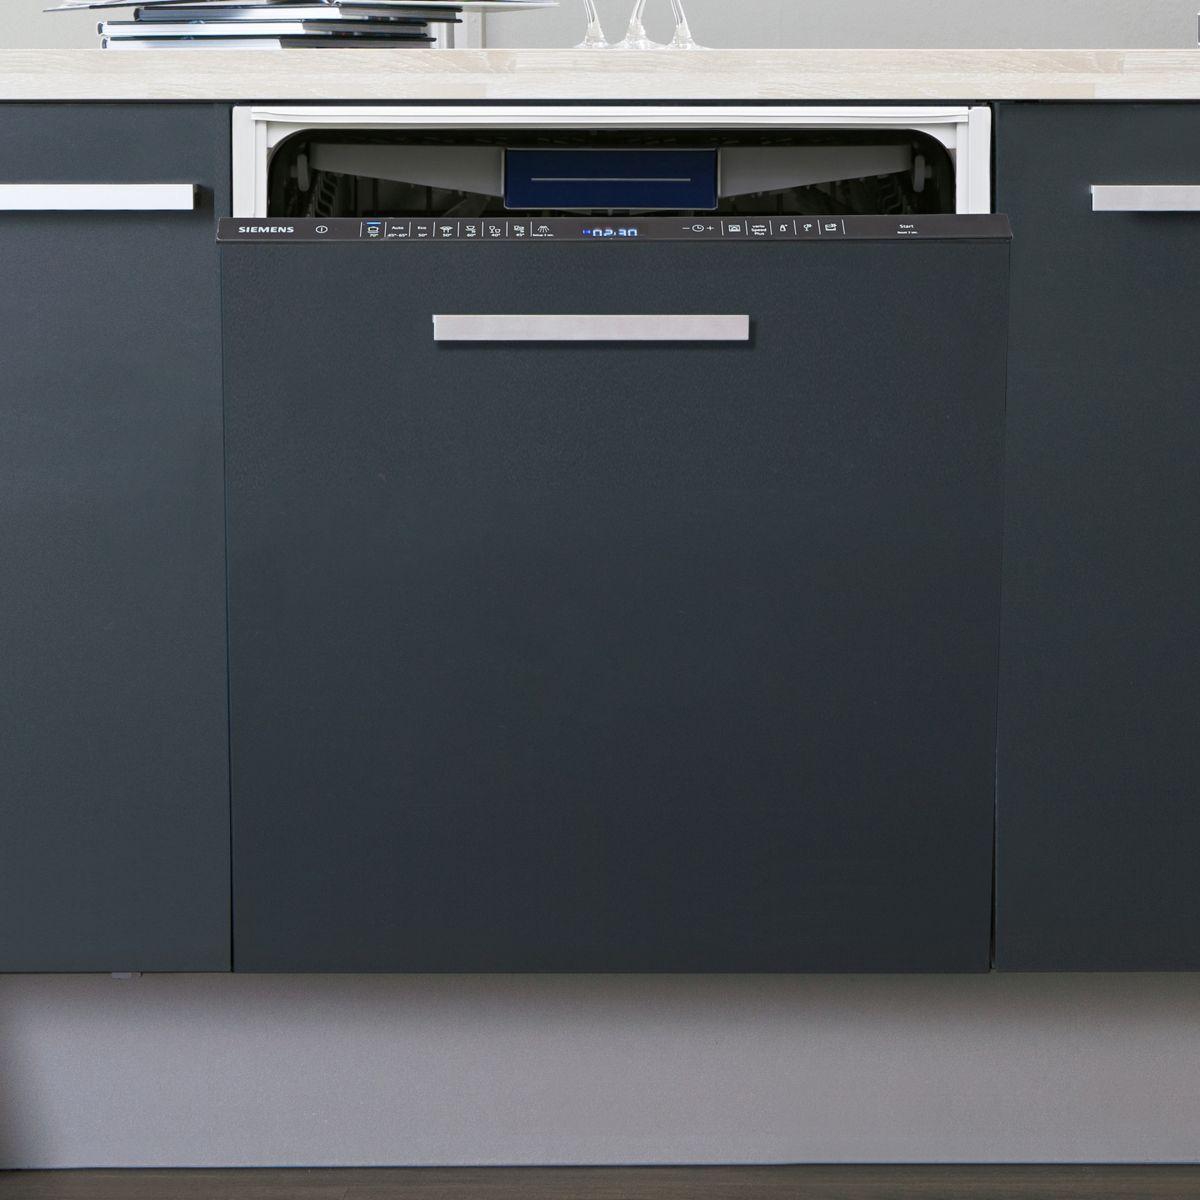 Lave vaisselle tout intÃ131©grable 60cm siemens sn658x00me